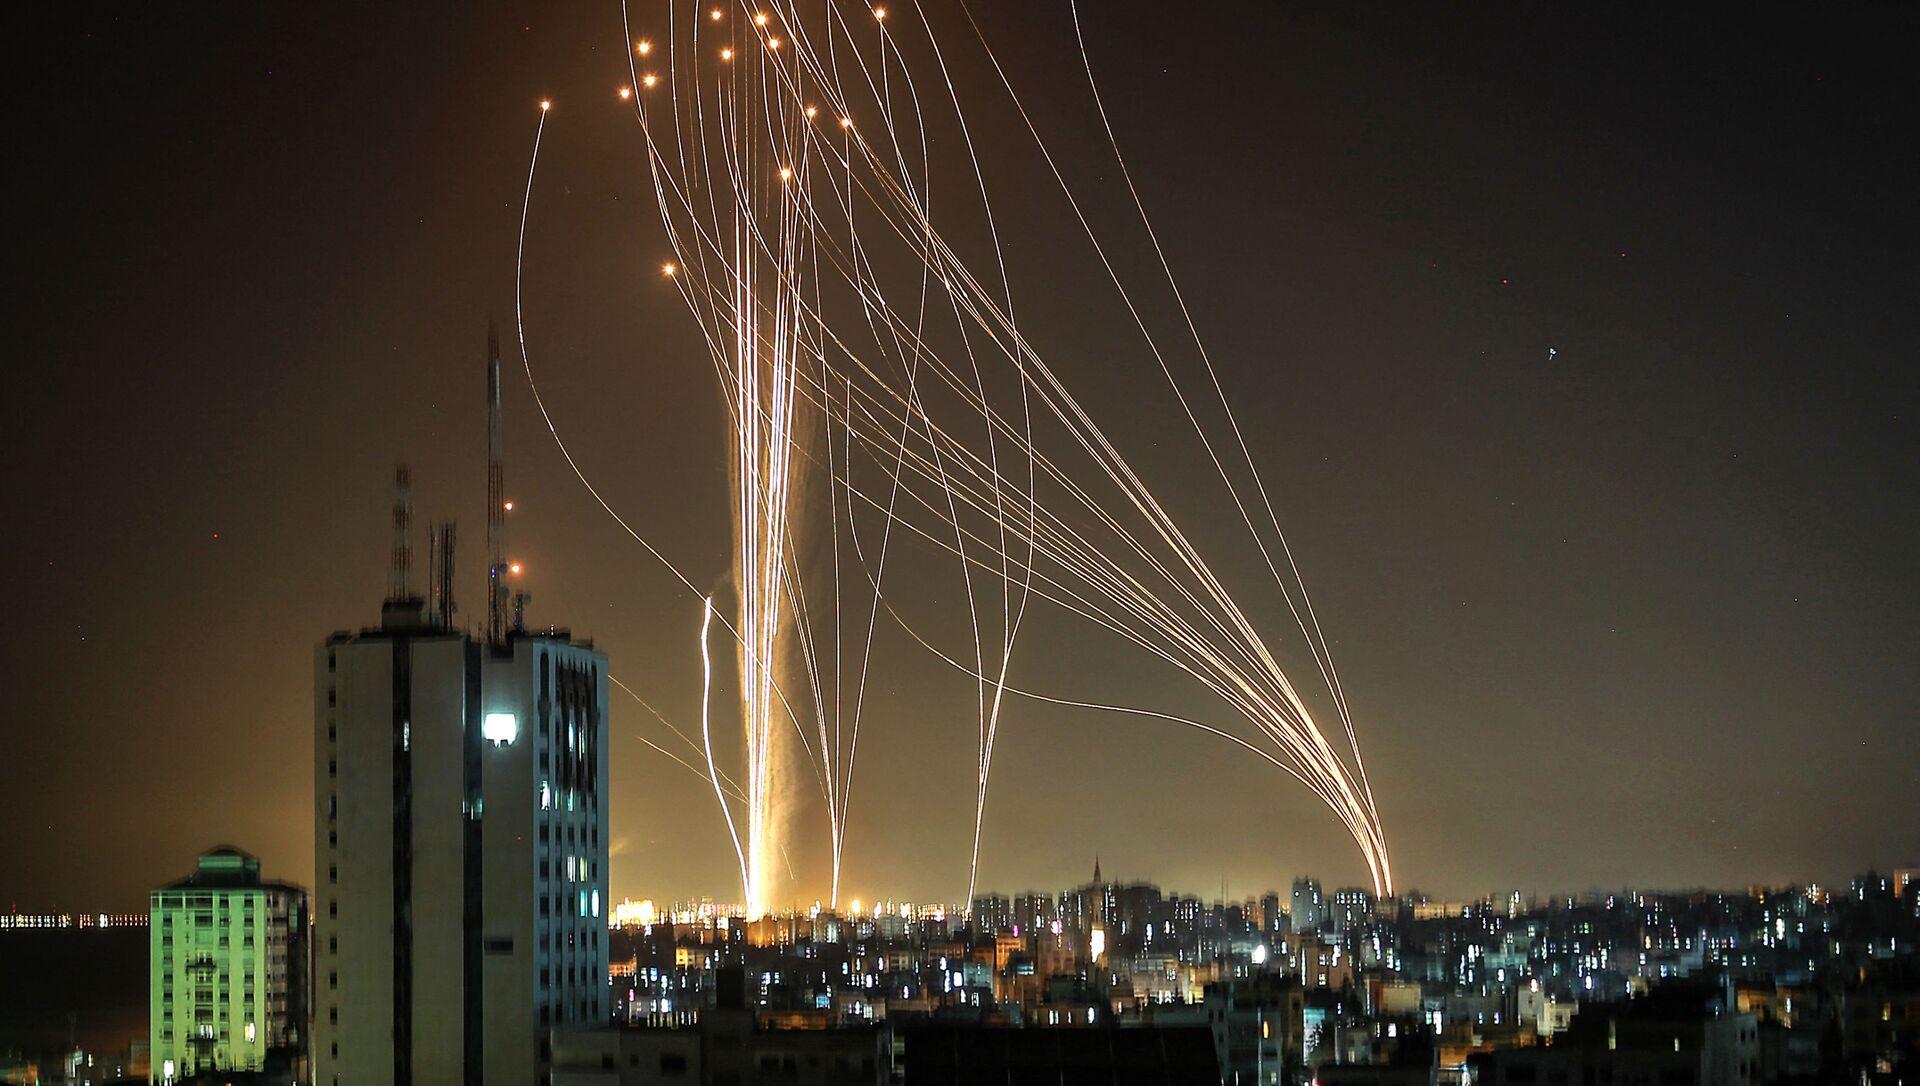 Missili nel cielo di Tel Aviv, 11 maggio 2021 - Sputnik Italia, 1920, 11.05.2021